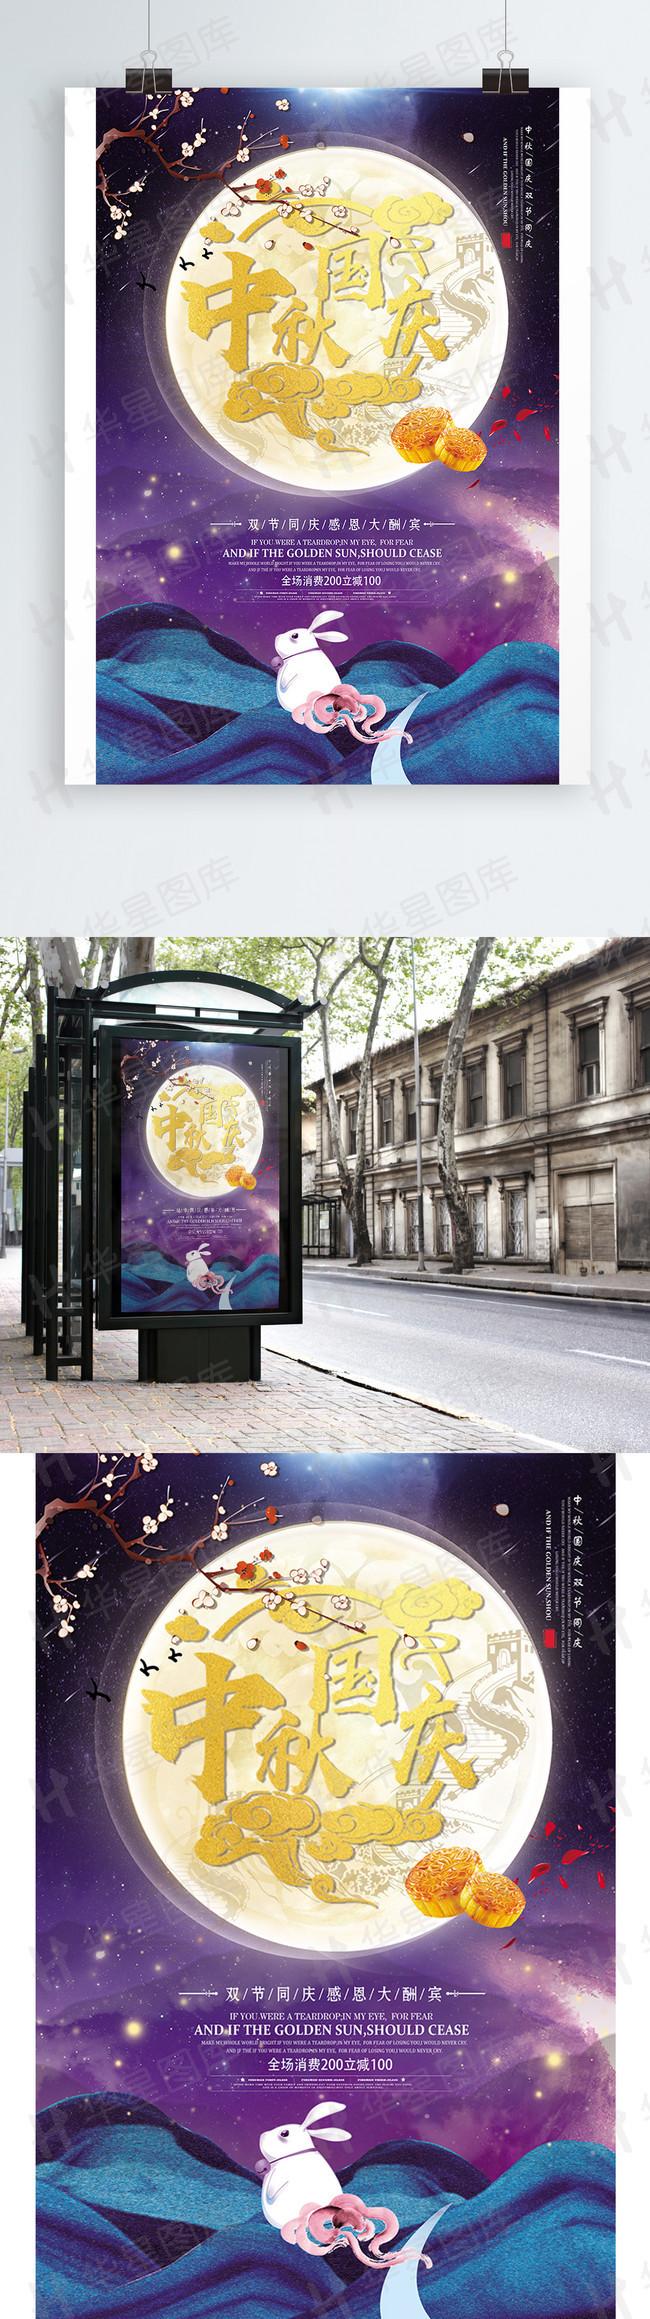 创意中秋国庆双节促销活动海报